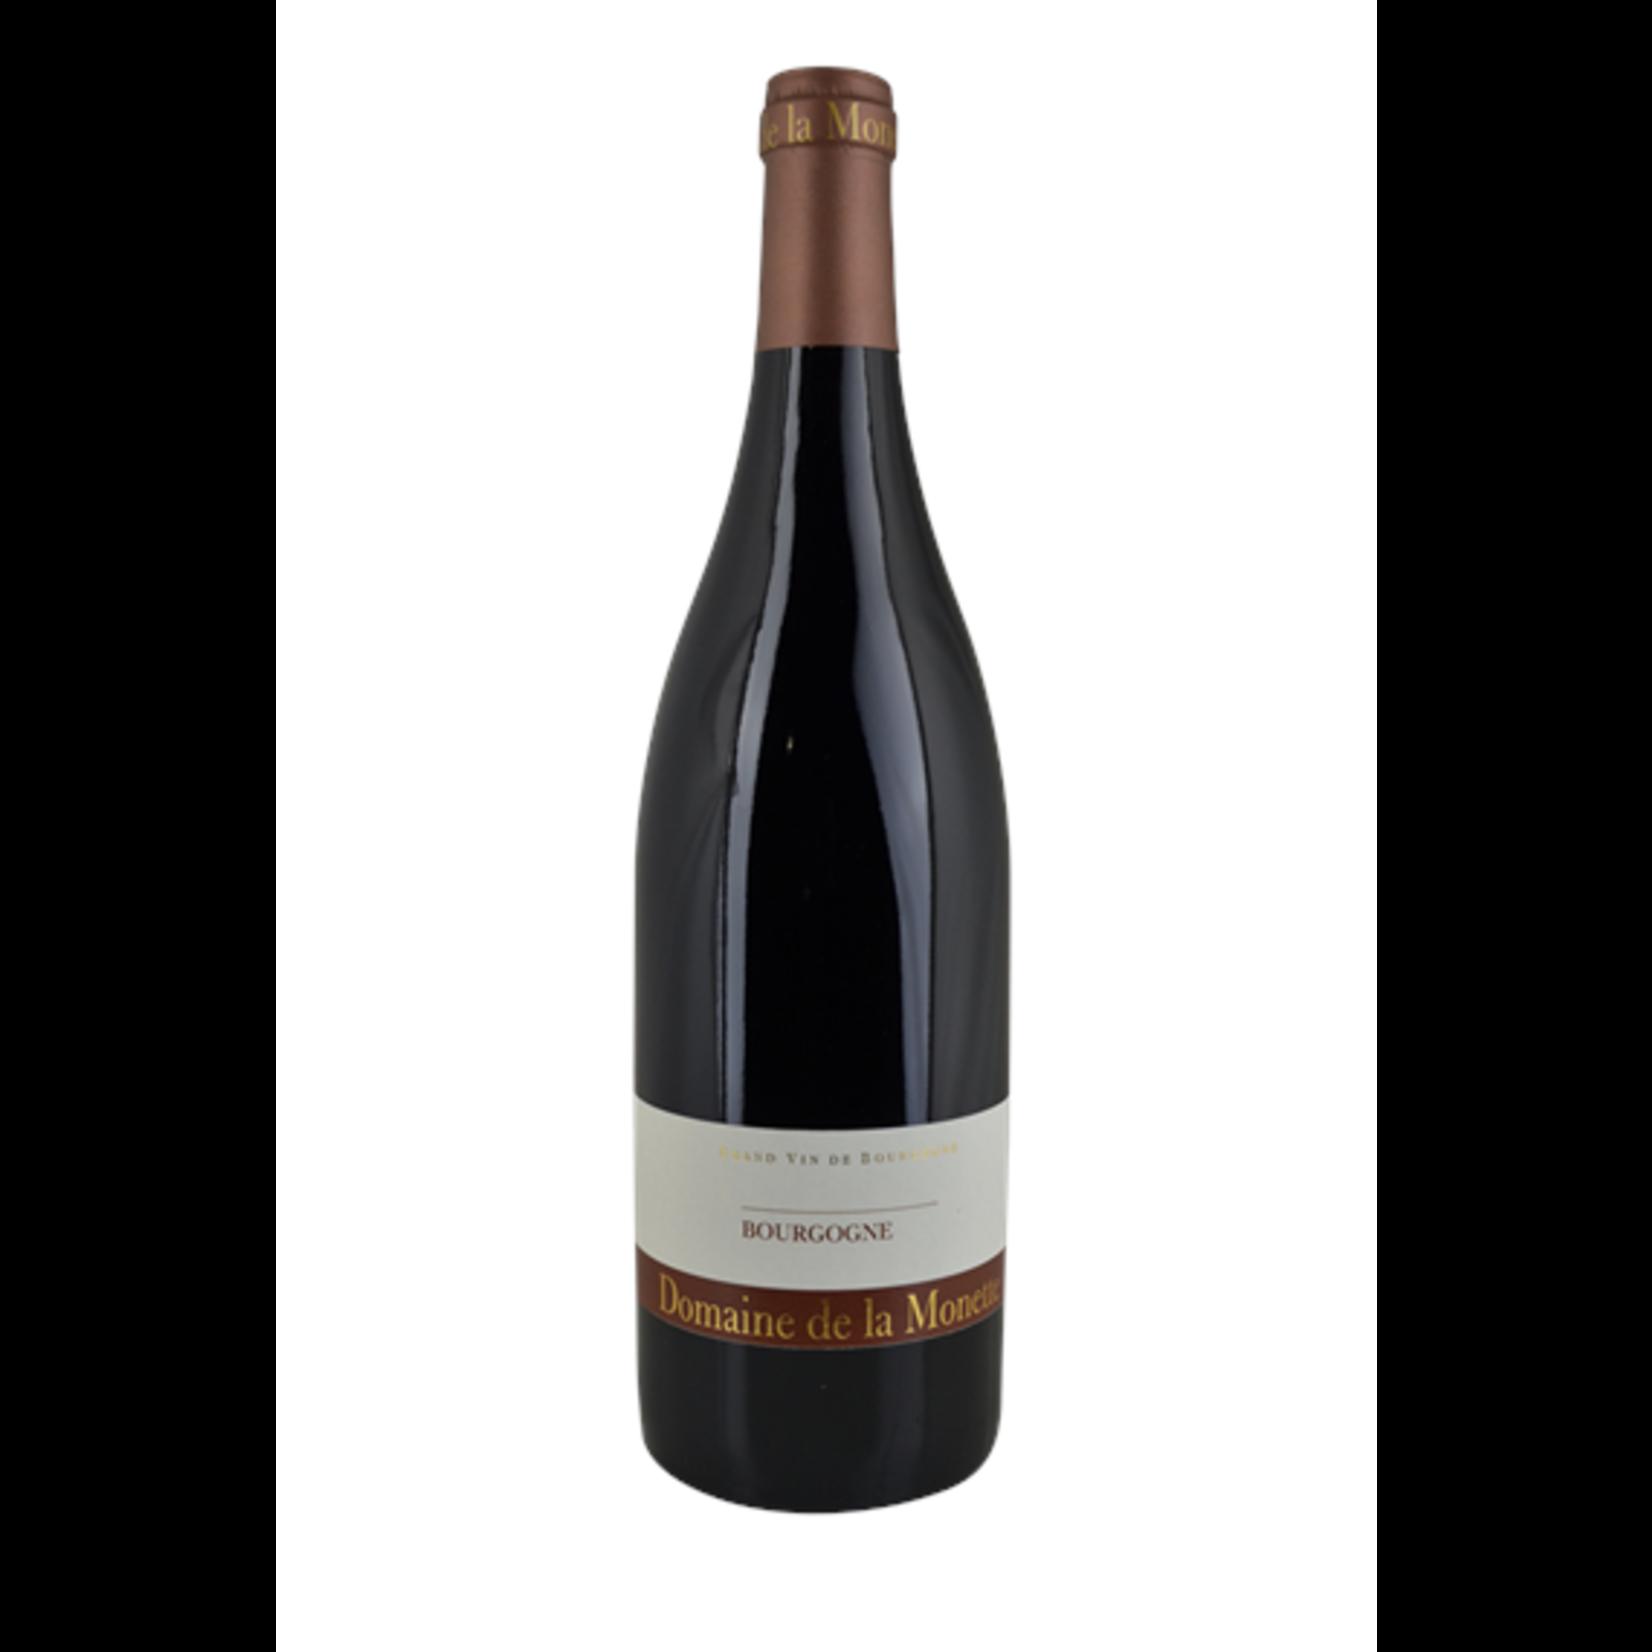 Bourgogne Pinot Noir Cote Chalonnaise, Domaine de la Monette, 2018